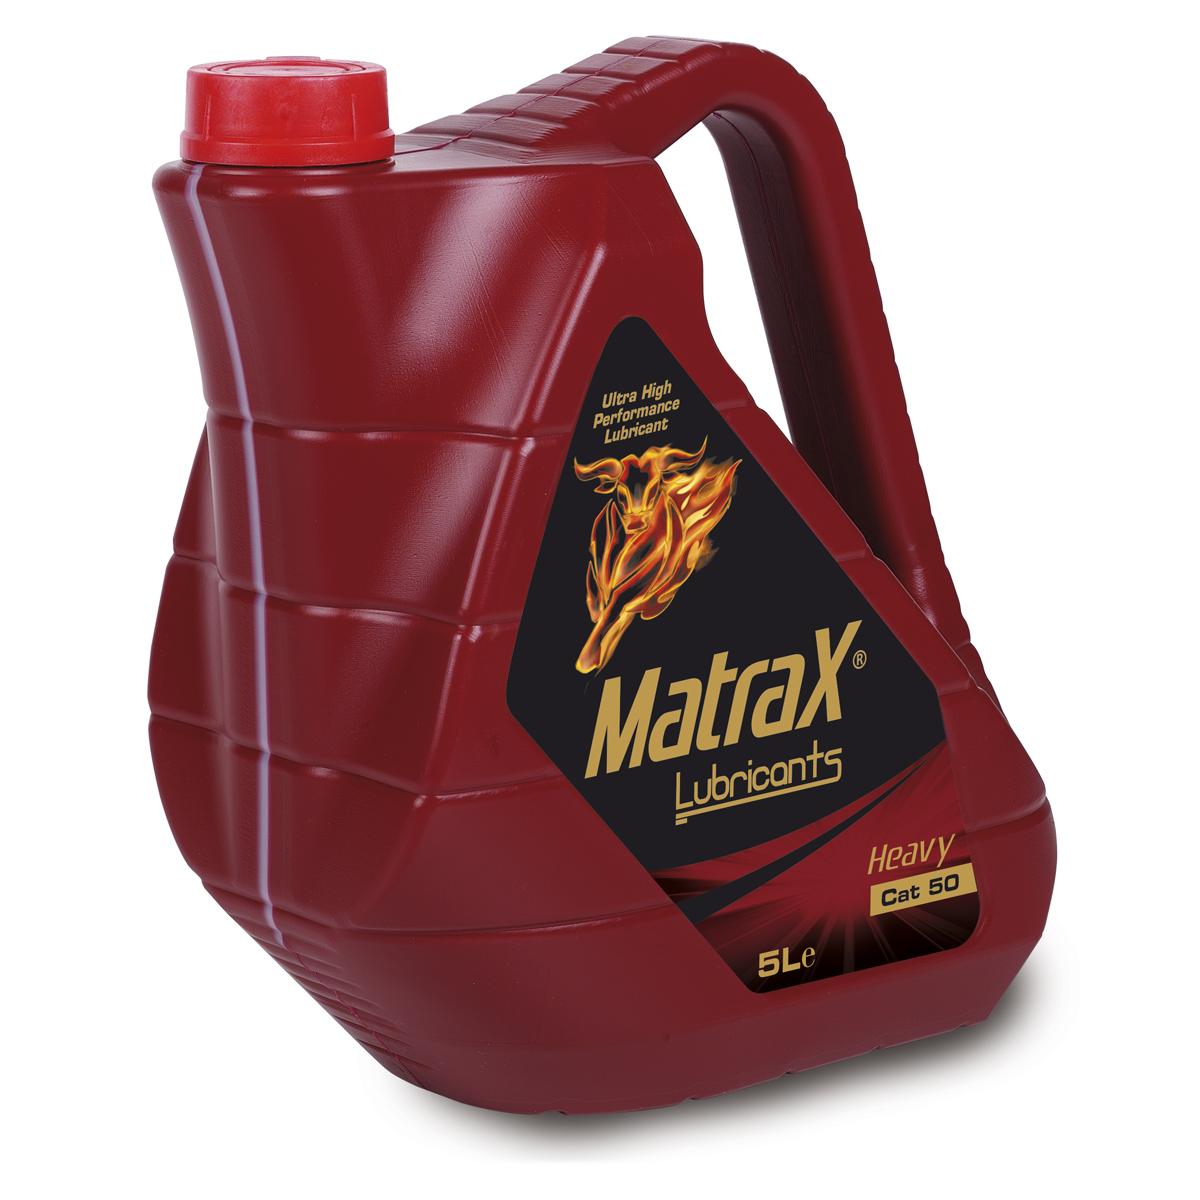 matrax-lubricants-heavy-cat-50-5l